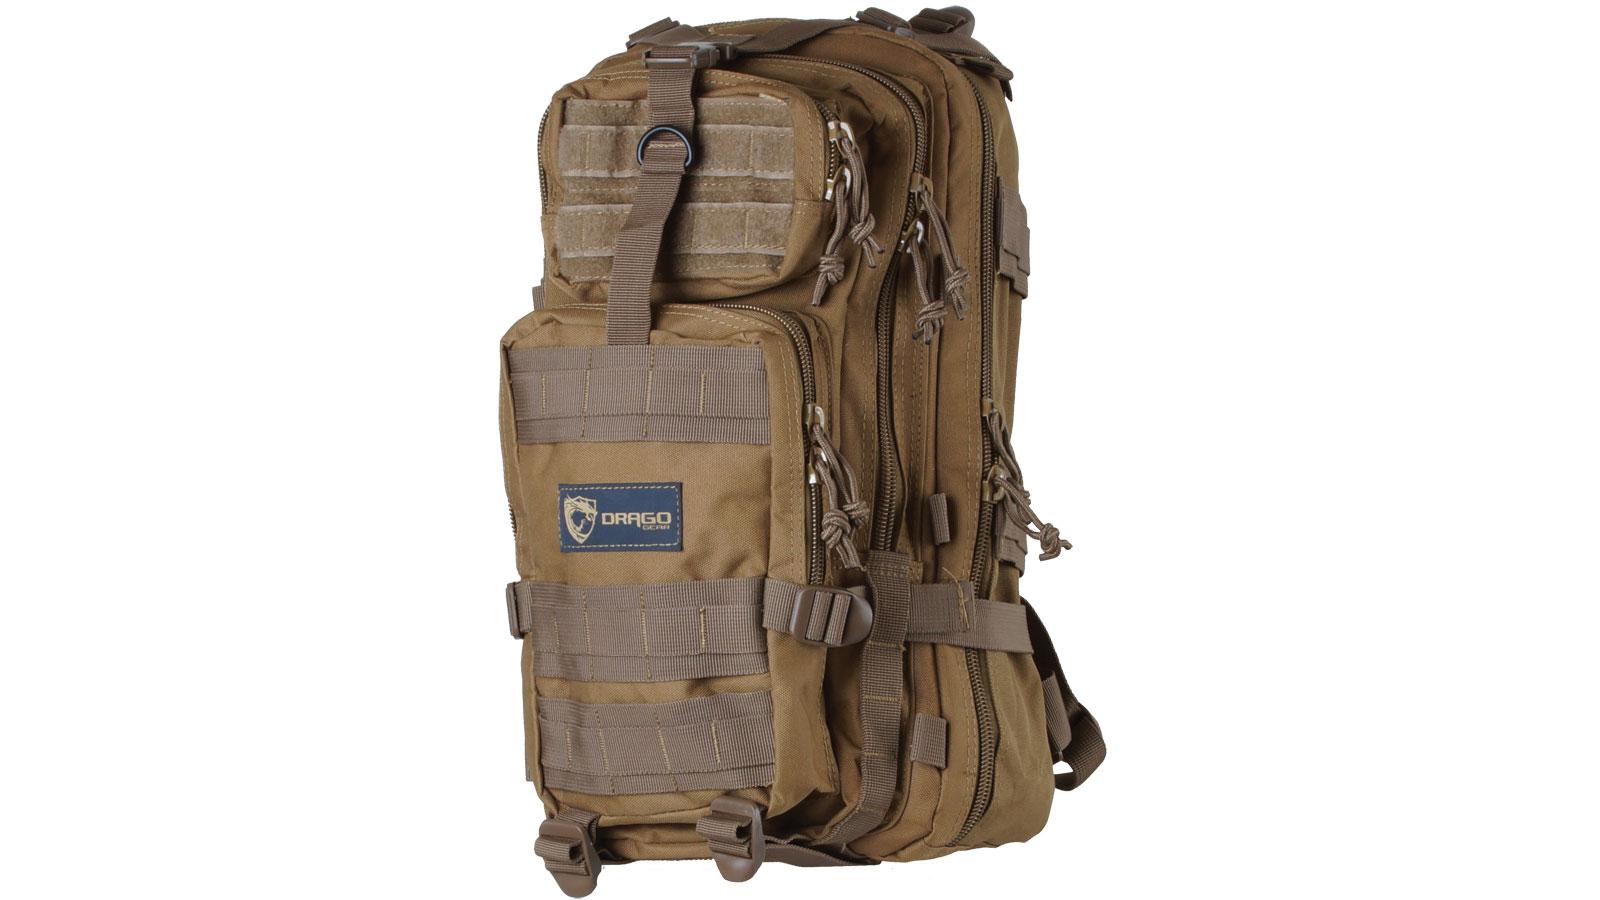 Drago Gear 14301TN Tracker Backpack 600D Polyester 18 x 11 in.  x 11 in.  Tan in.